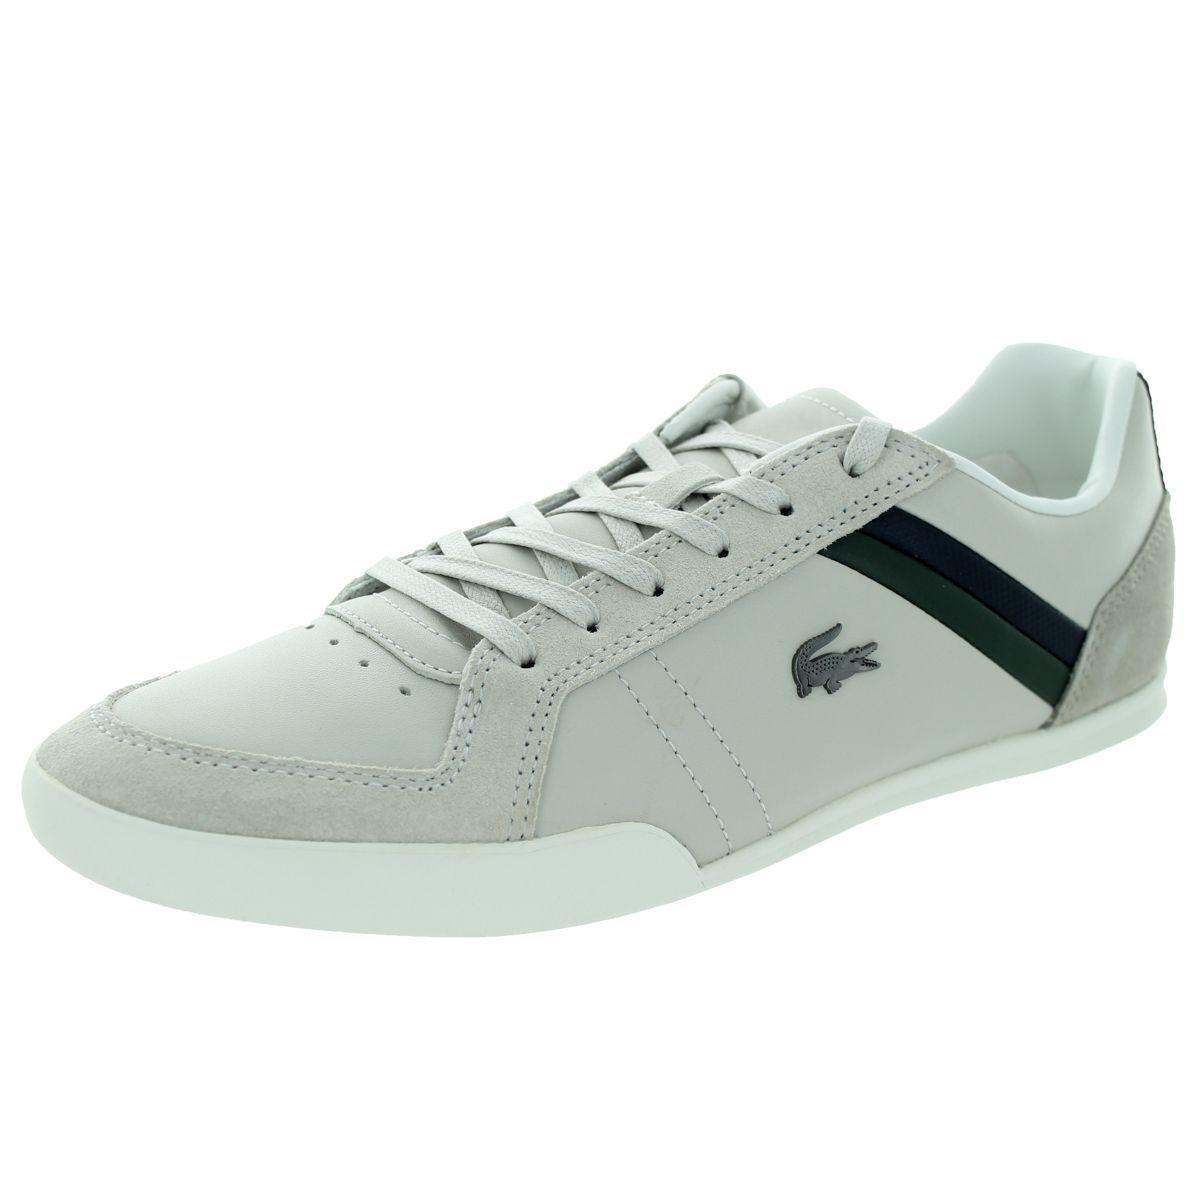 Lacoste Men's Figuera 3 Srm Off White Casual Shoe